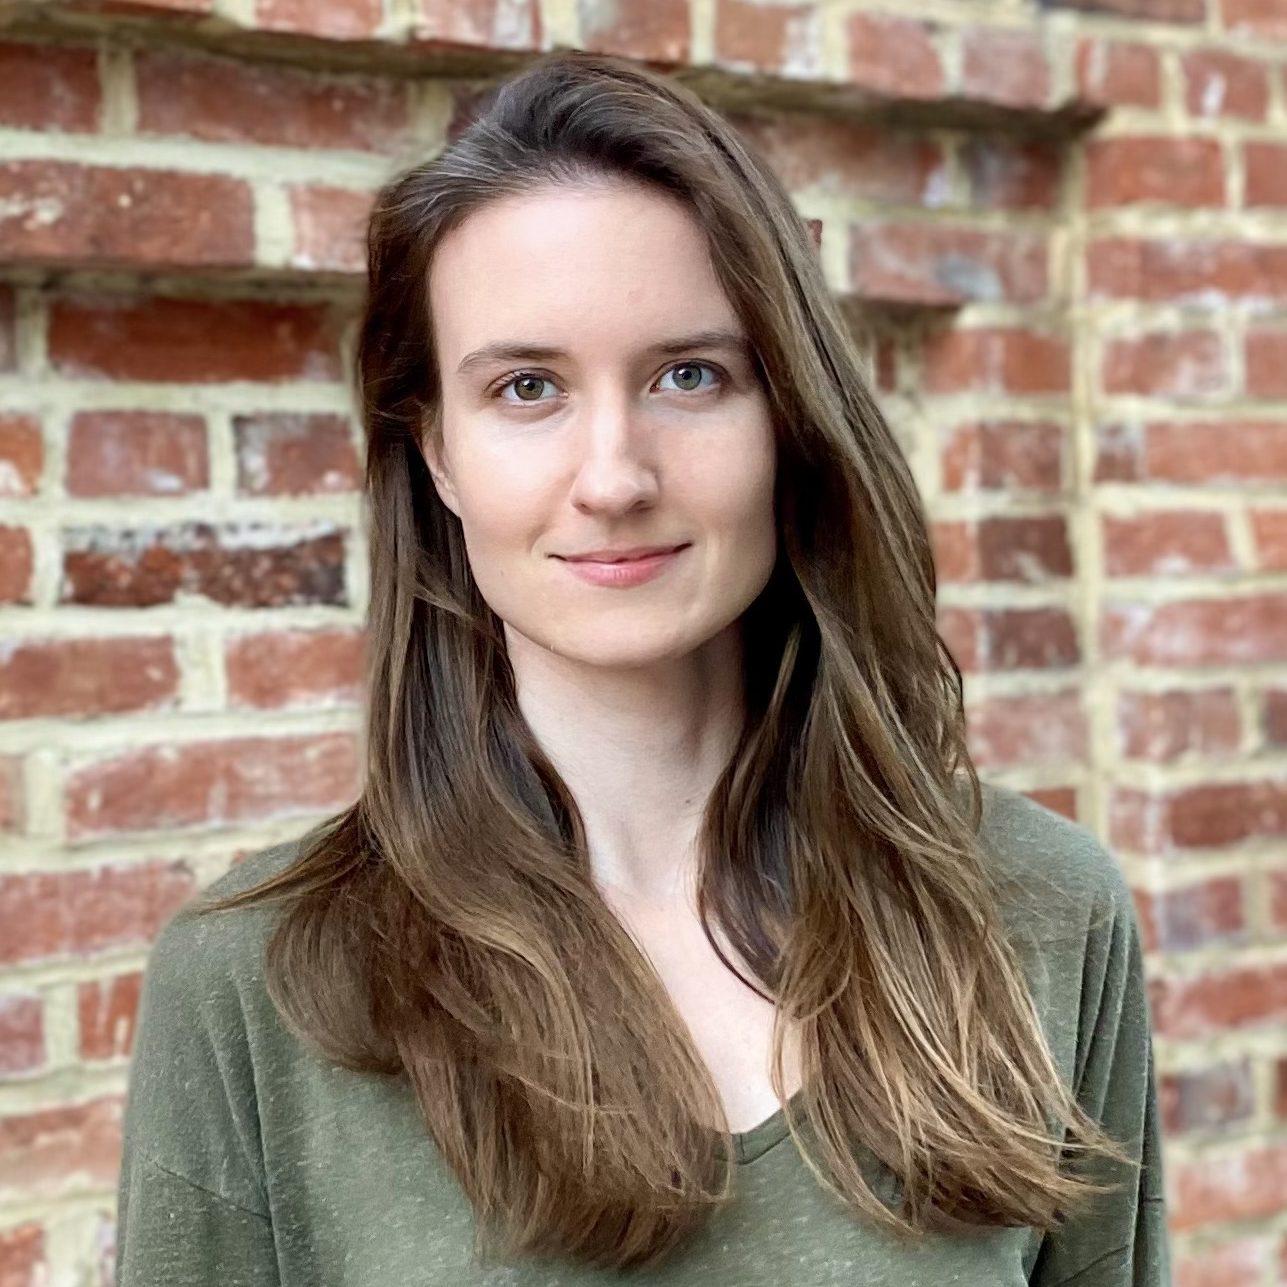 Julia (Kate) Brynildsen